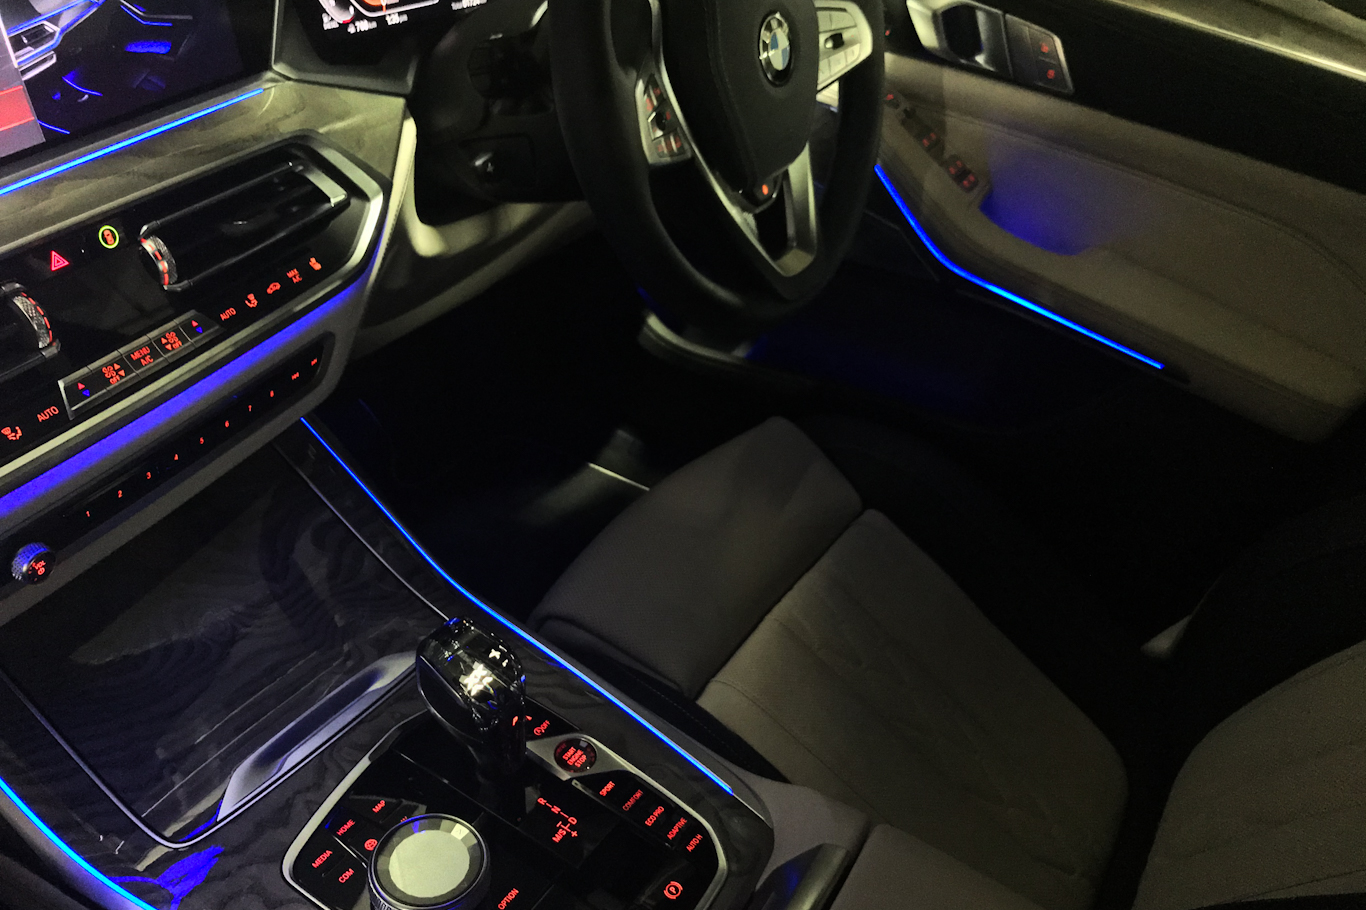 話題のフルサイズSUV「BMW X7」を徹底チェック!【ル・ボラン編集部員の取材メモ】